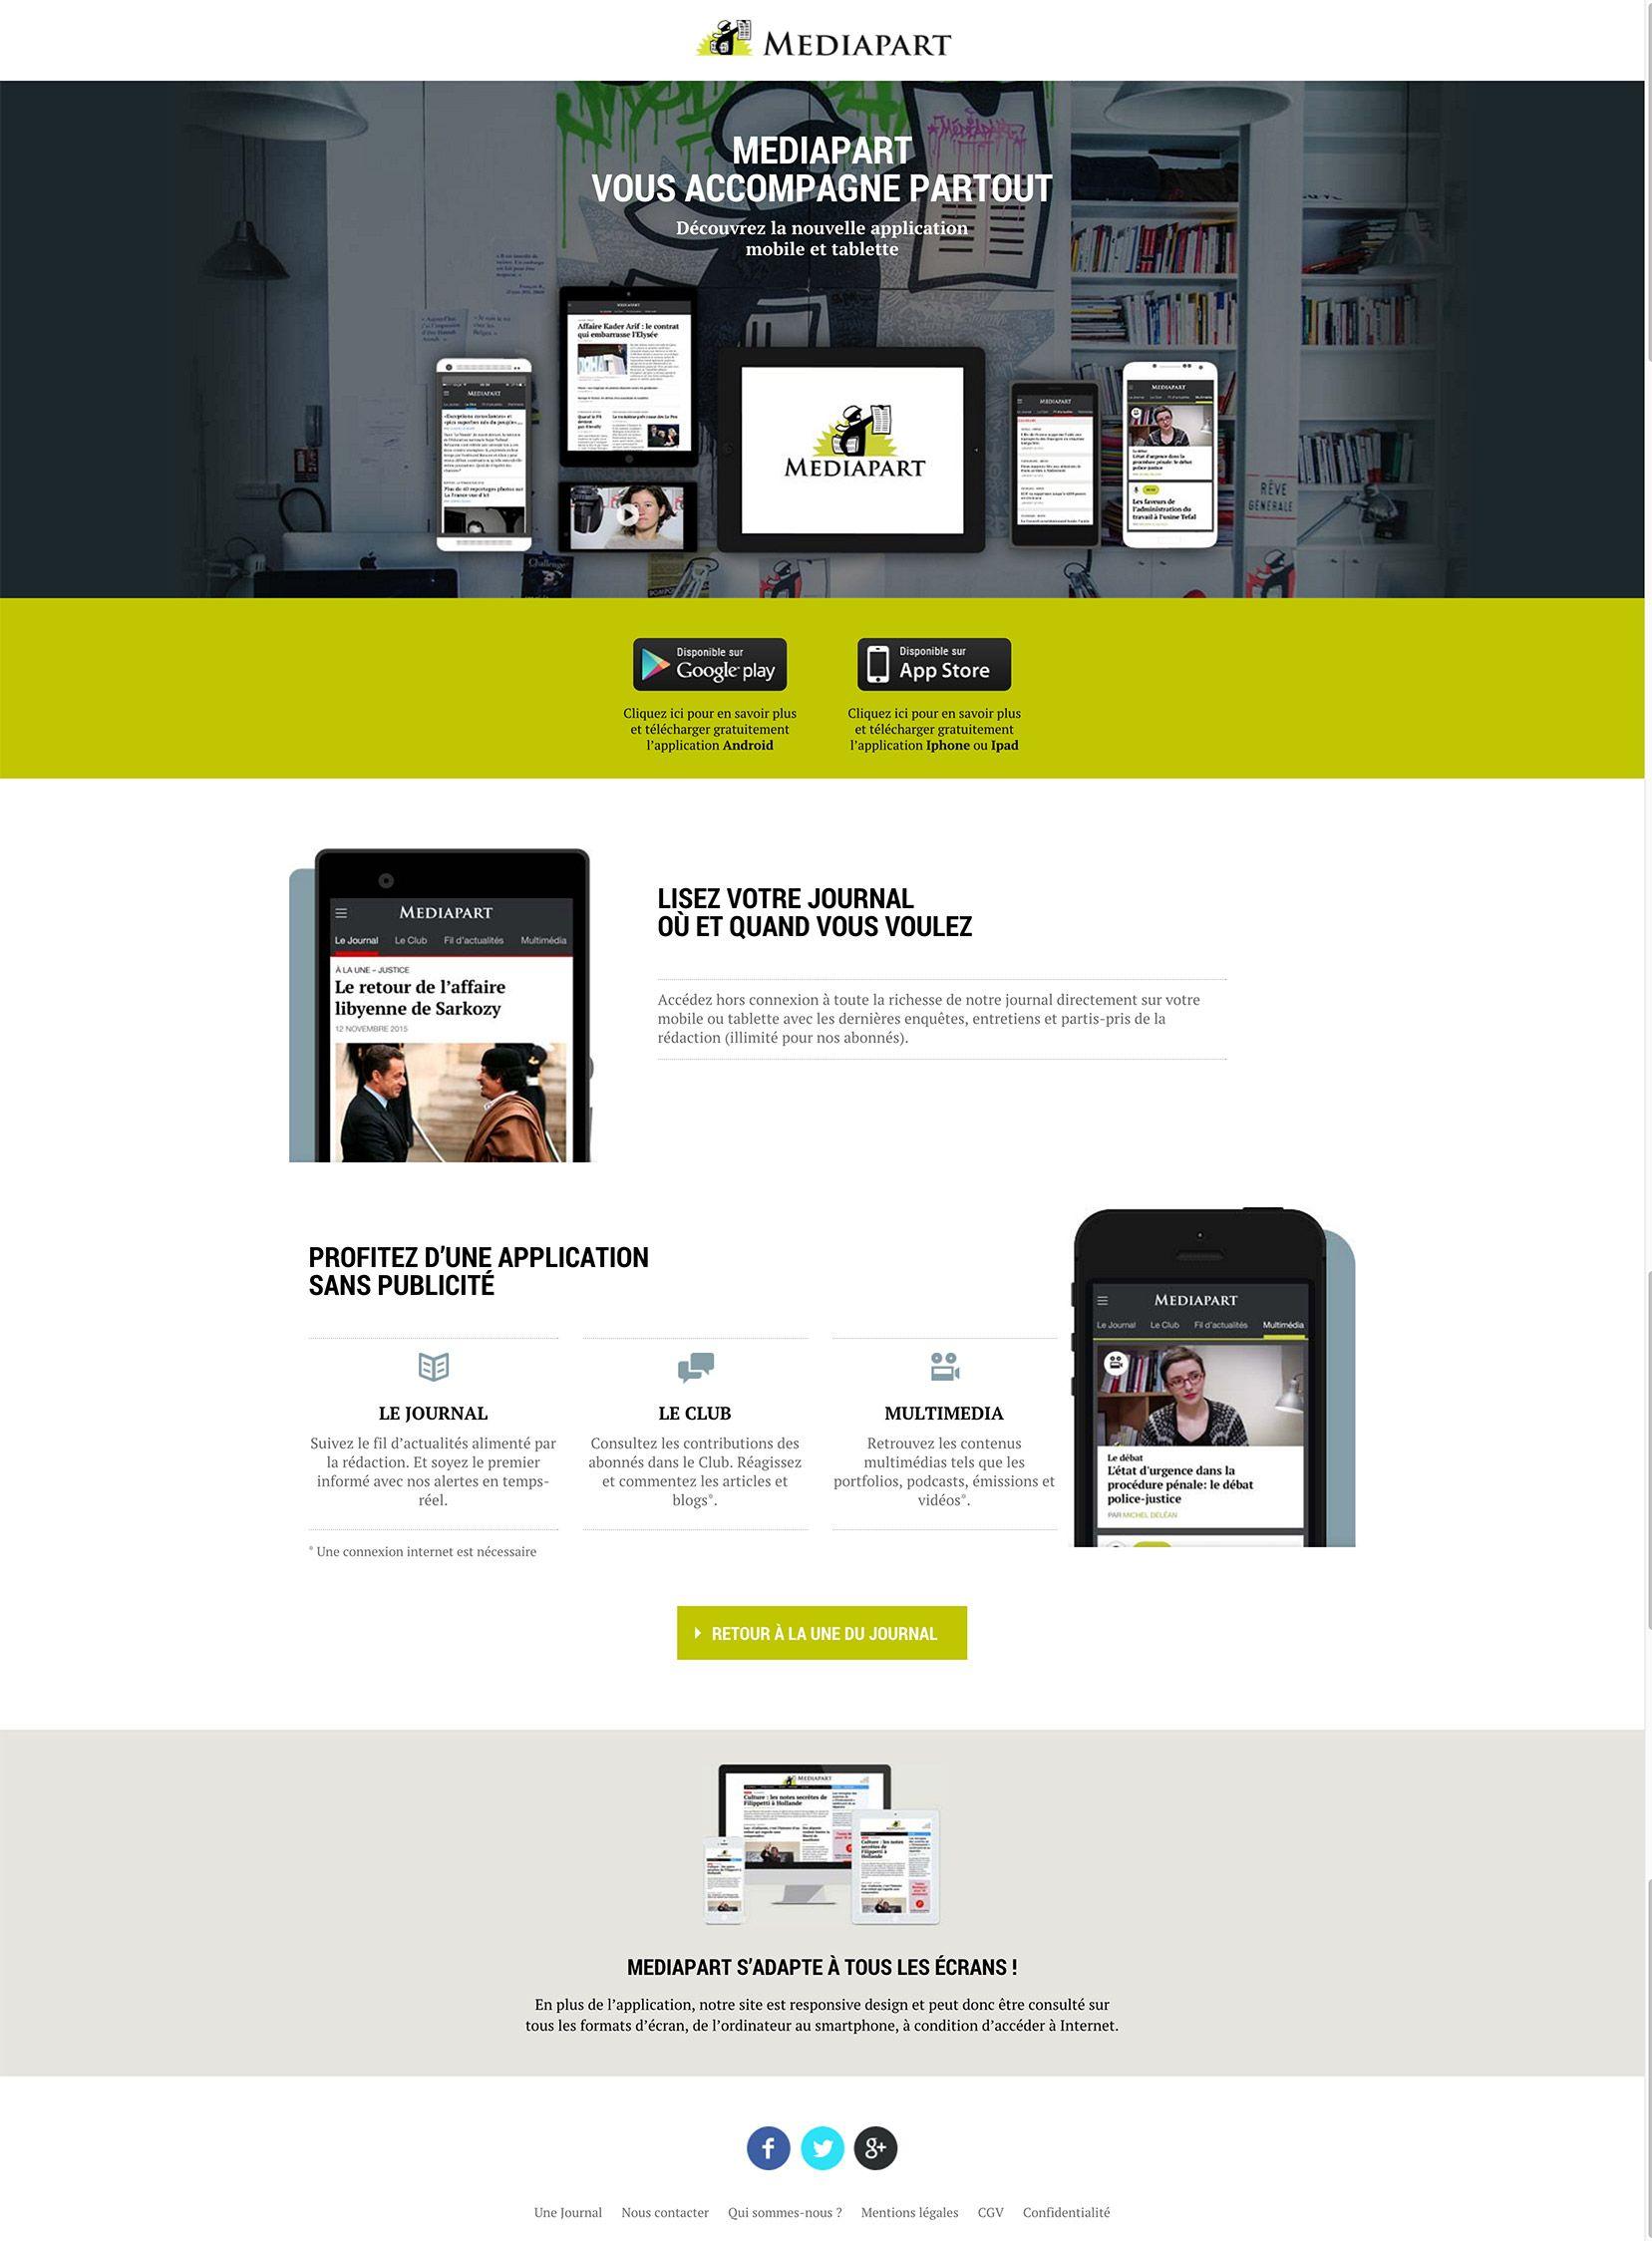 Application mobile et tablette Mediapart Application